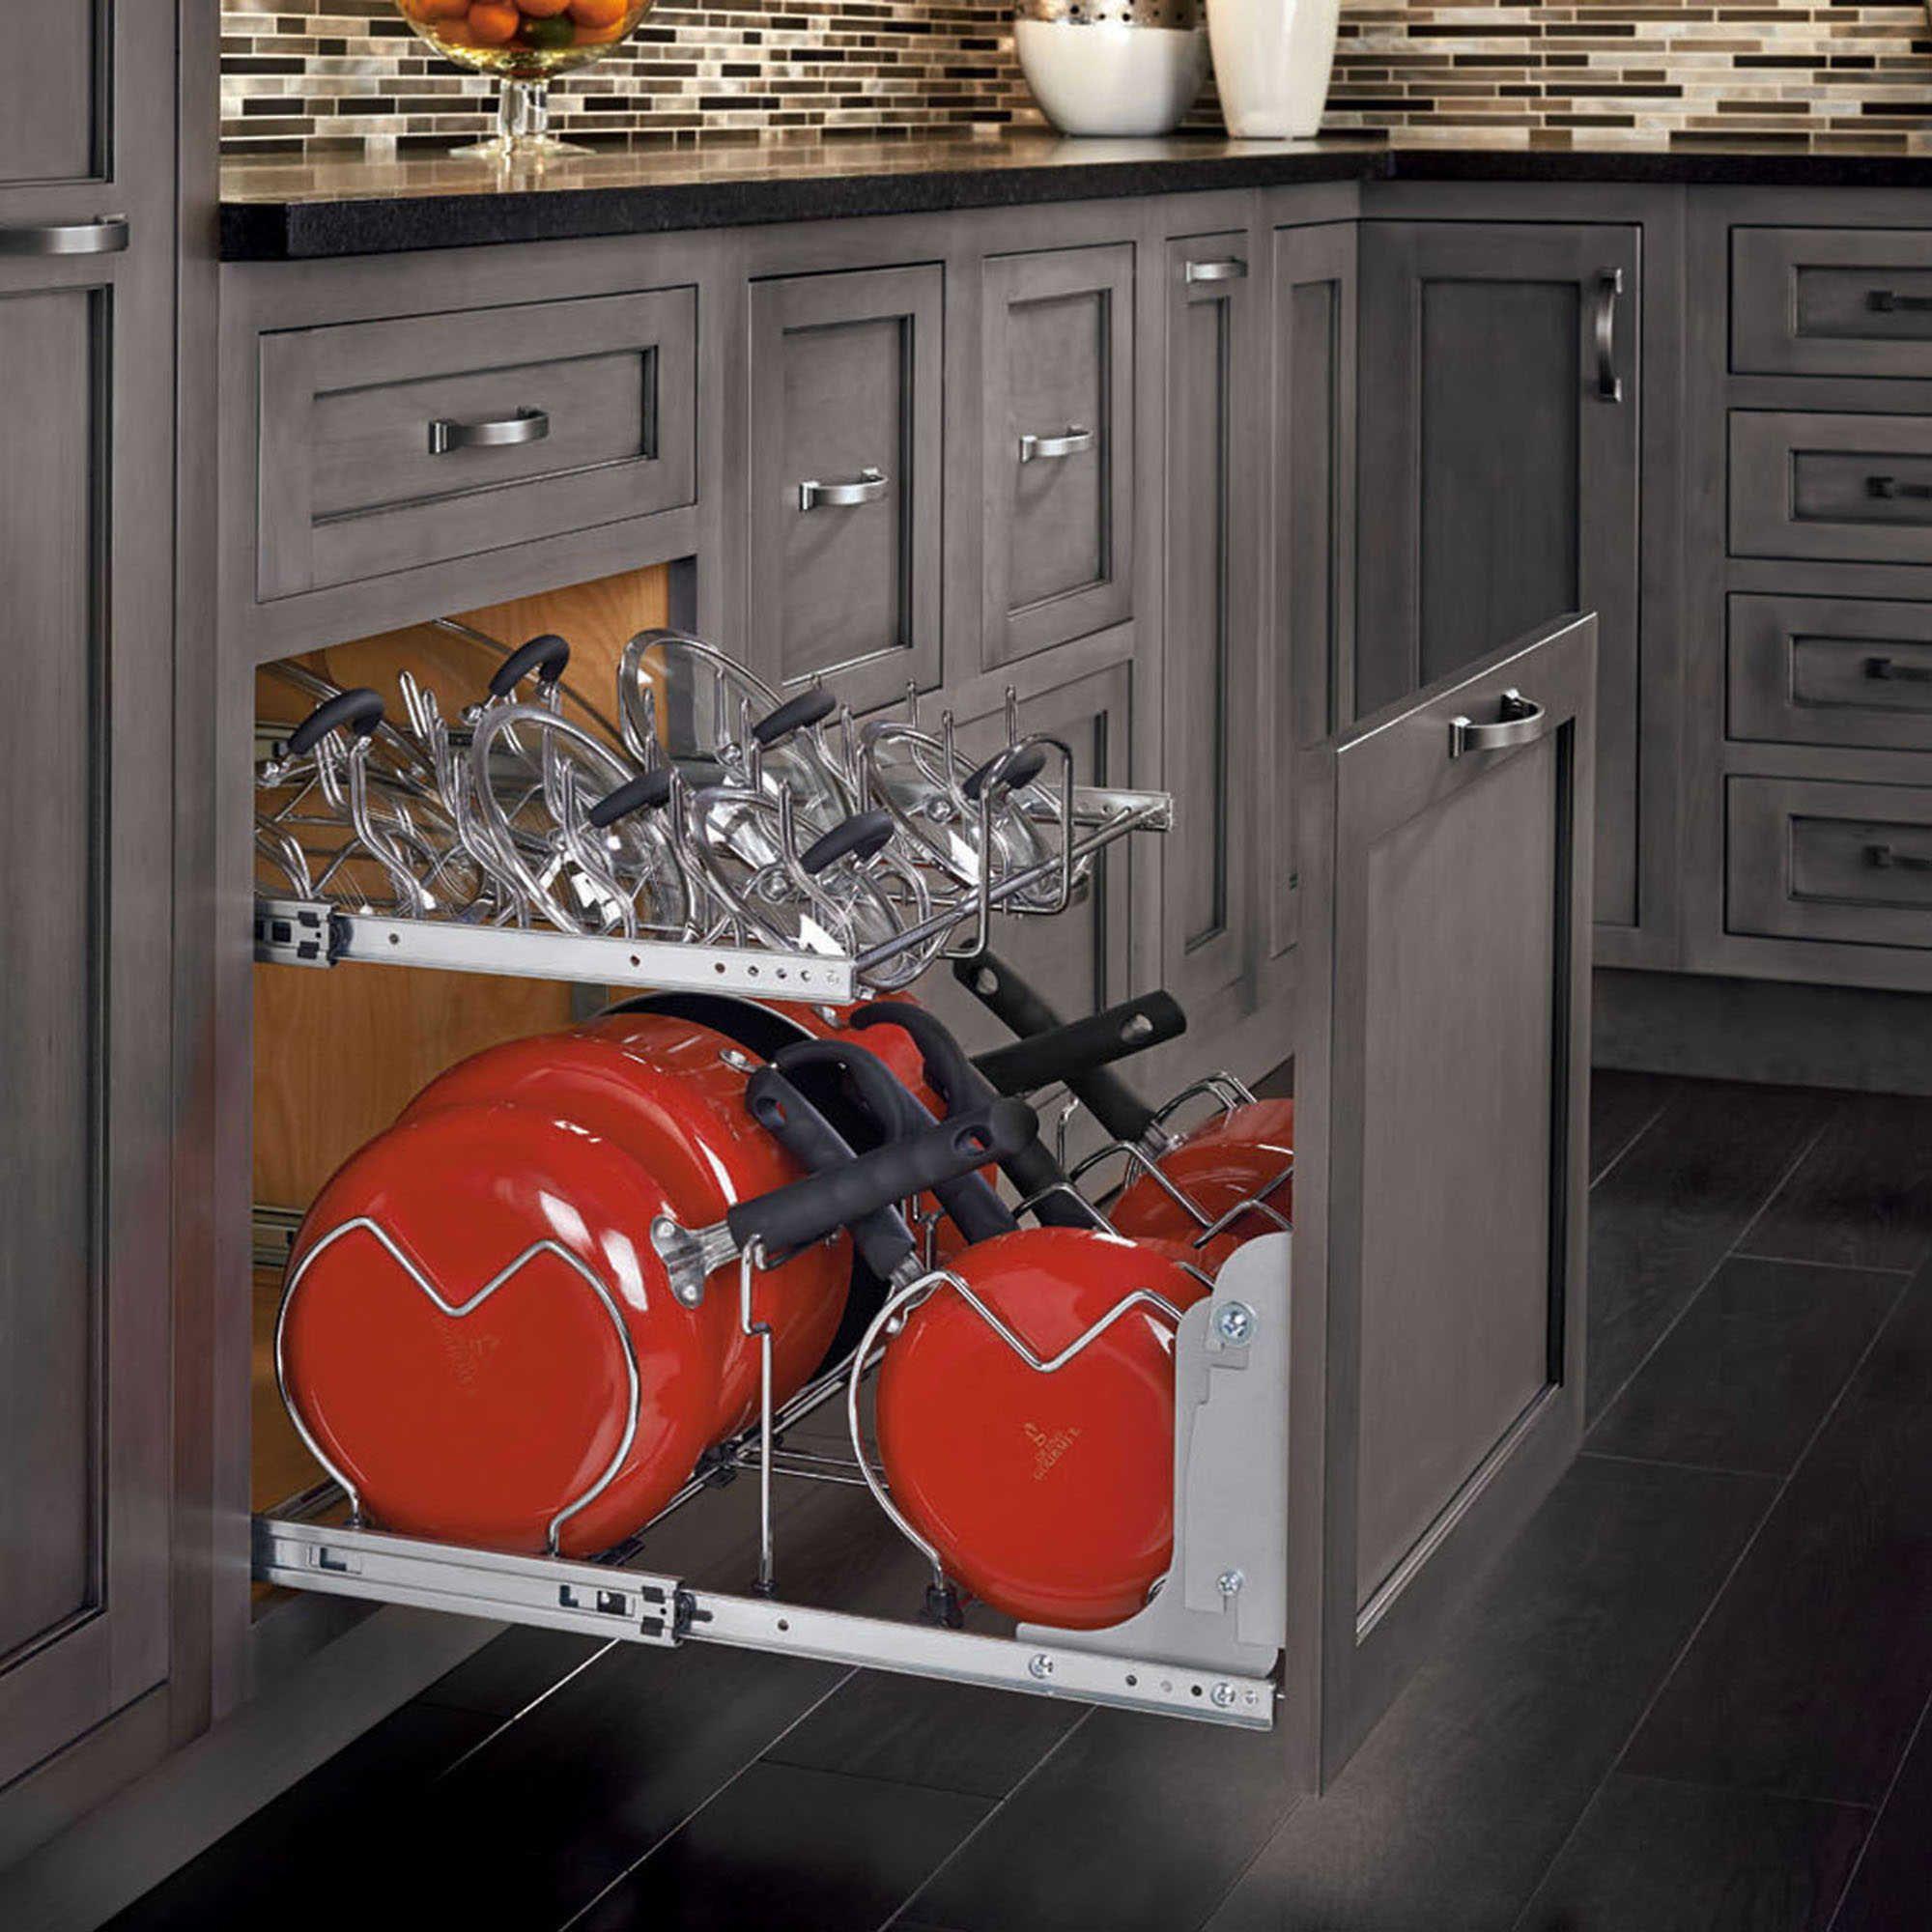 Rev A Shelf 2 Tier Cookware Organizer Bed Bath Beyond Cookware Organization Kitchen Cabinet Organization Kitchen Design